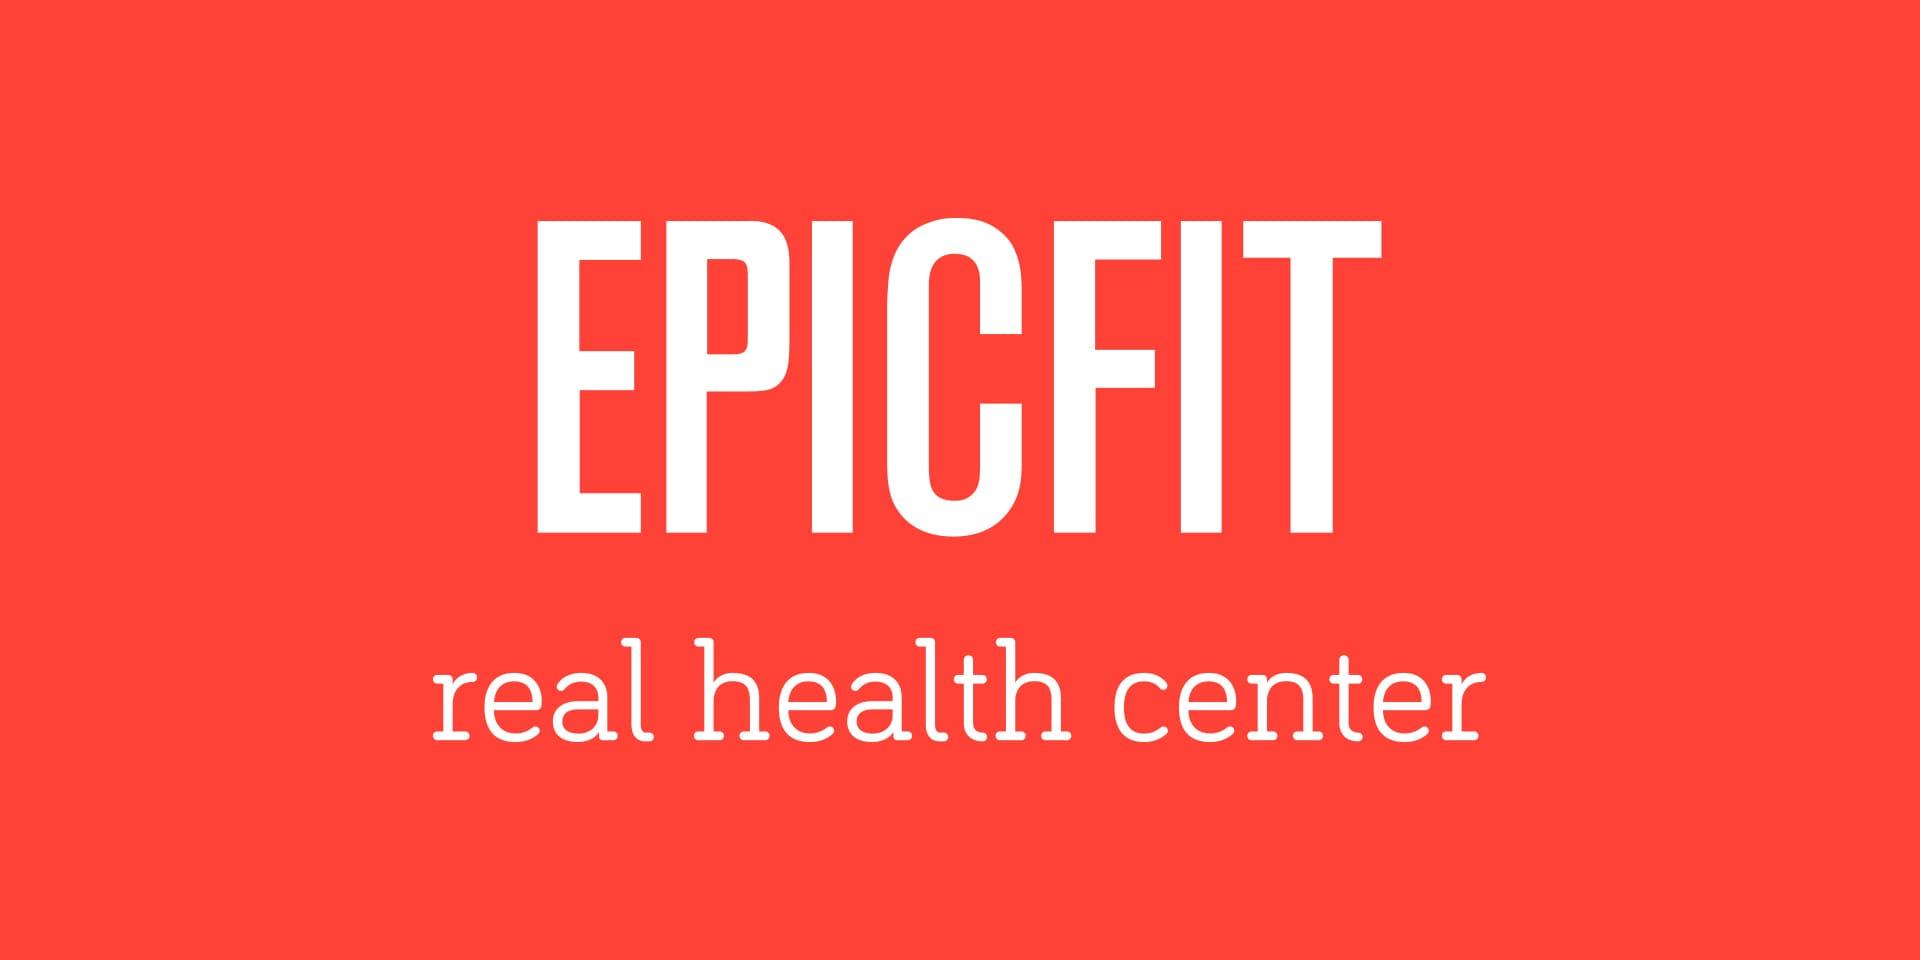 epicfit_logo2